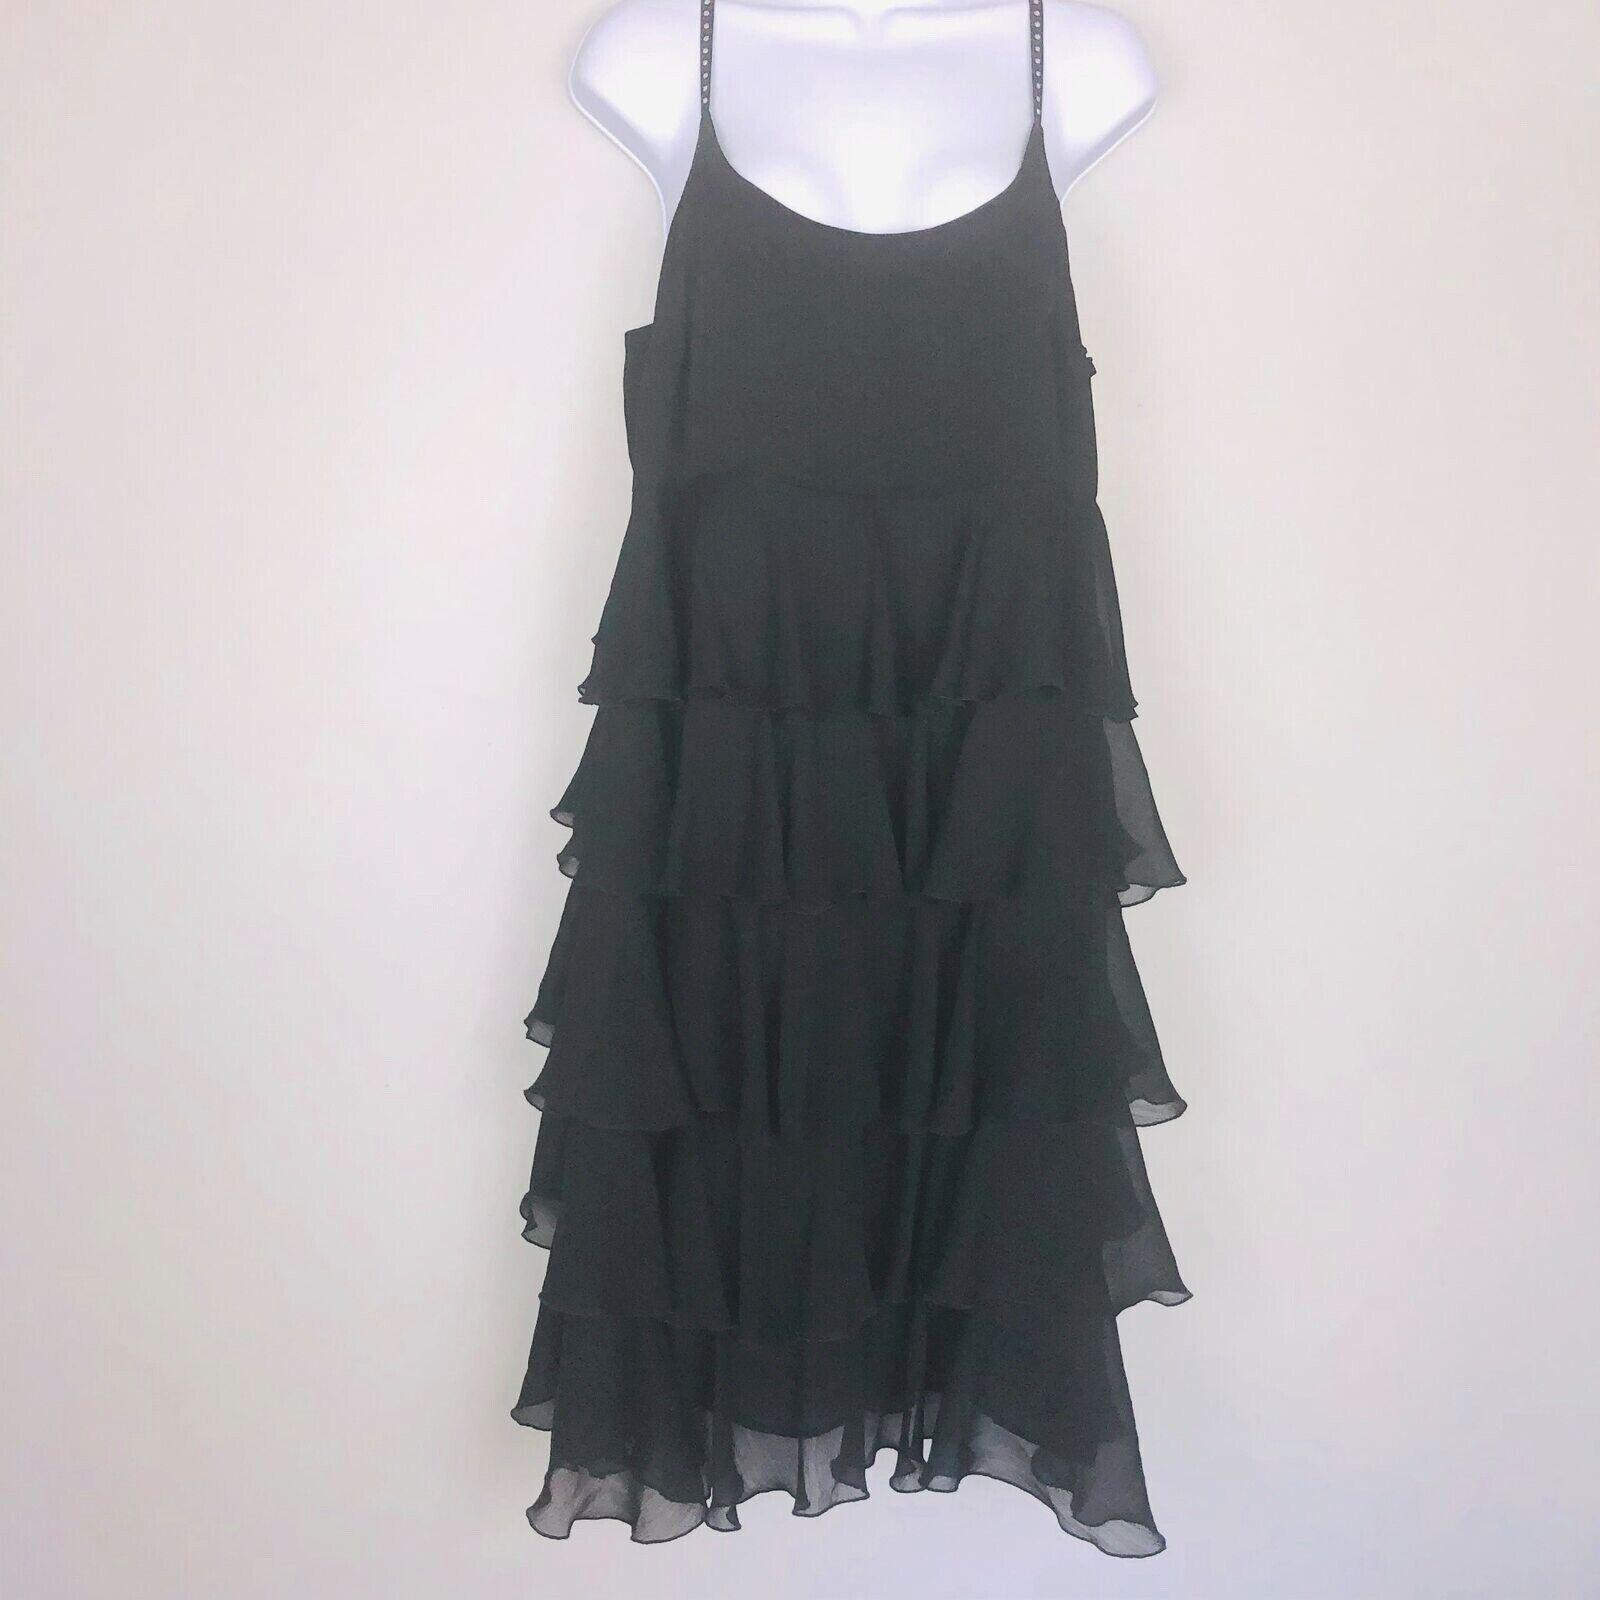 Lane Bryant damen Dress sz 14 schwarz Spaghetti Strap Sheer Tierot Ruffles  AZ26